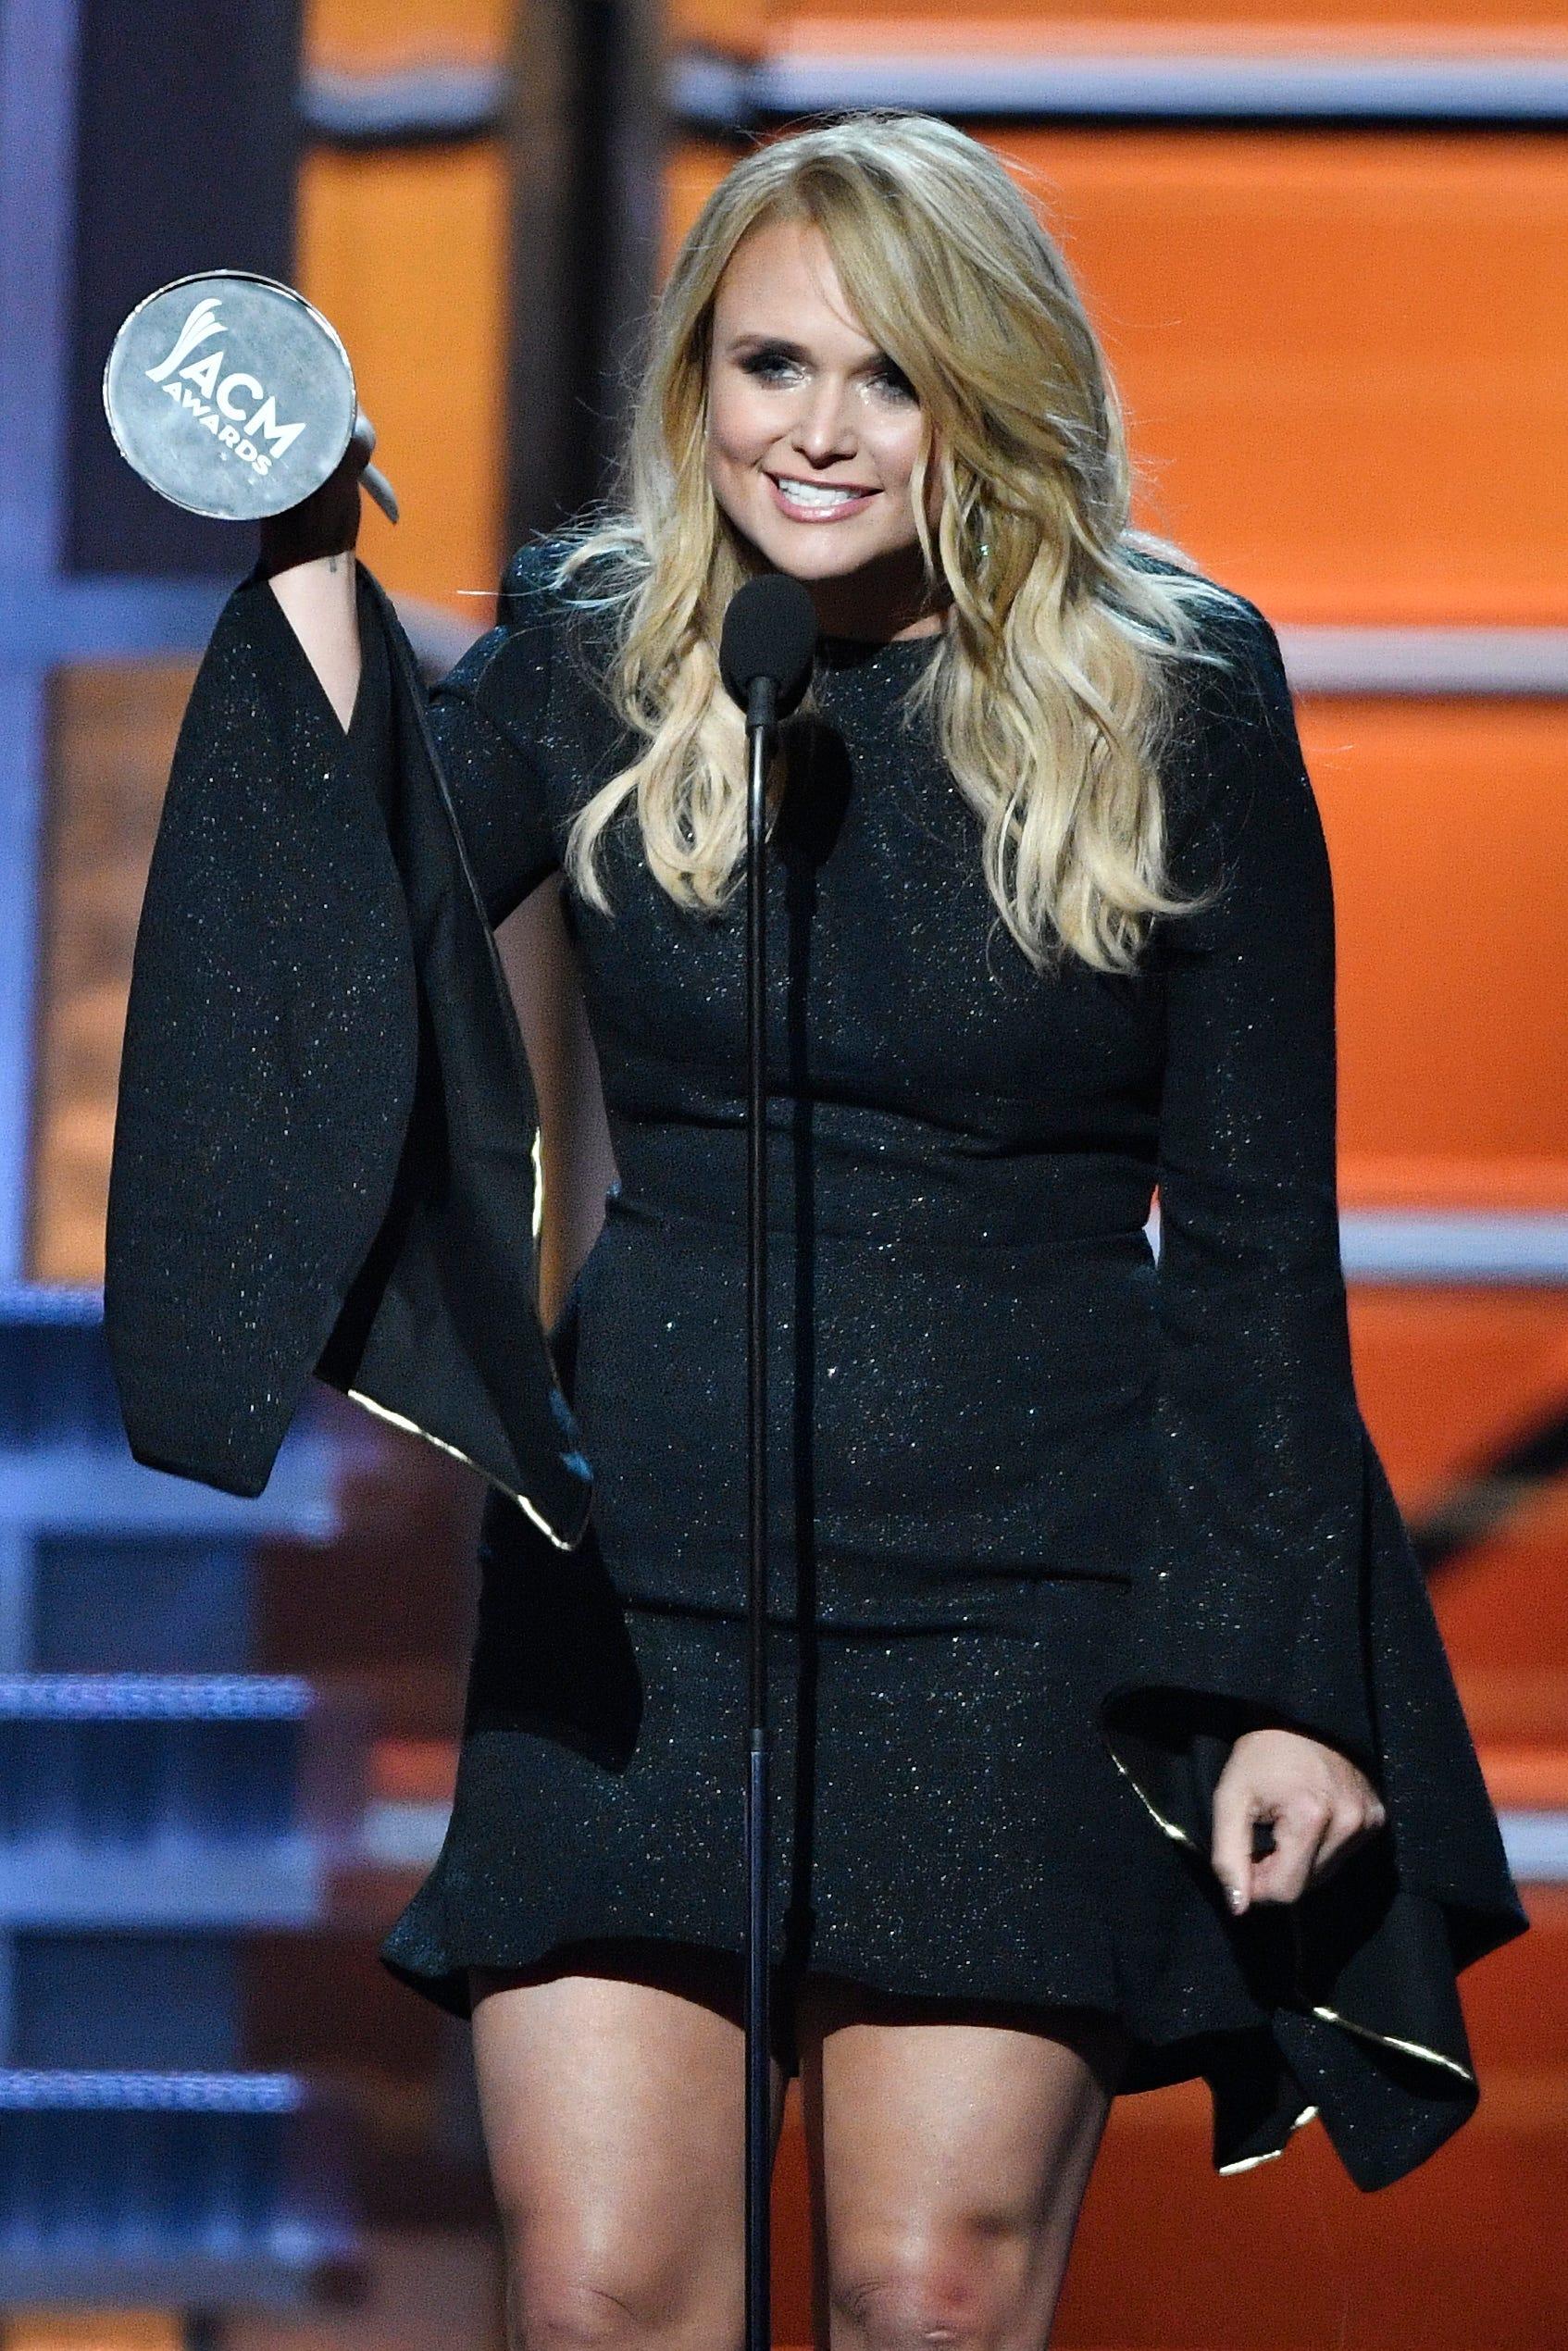 Miranda Lambert reveals split from Evan Felker, says she's 'happily single'